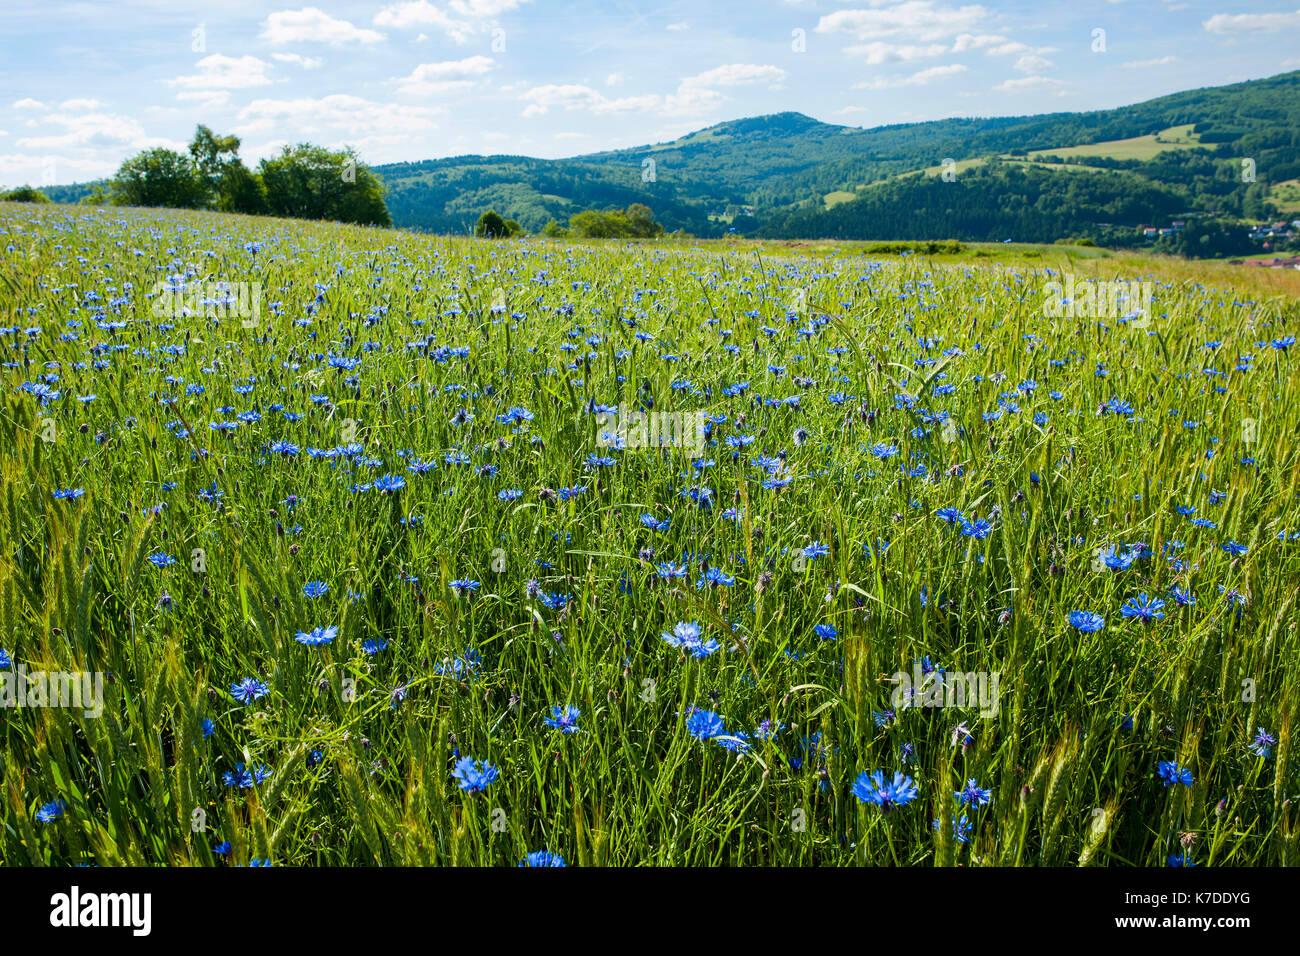 La floraison barbeaux (cyanus segetum) dans le champ de céréales, la réserve de biosphère de rhön, Allemagne Photo Stock